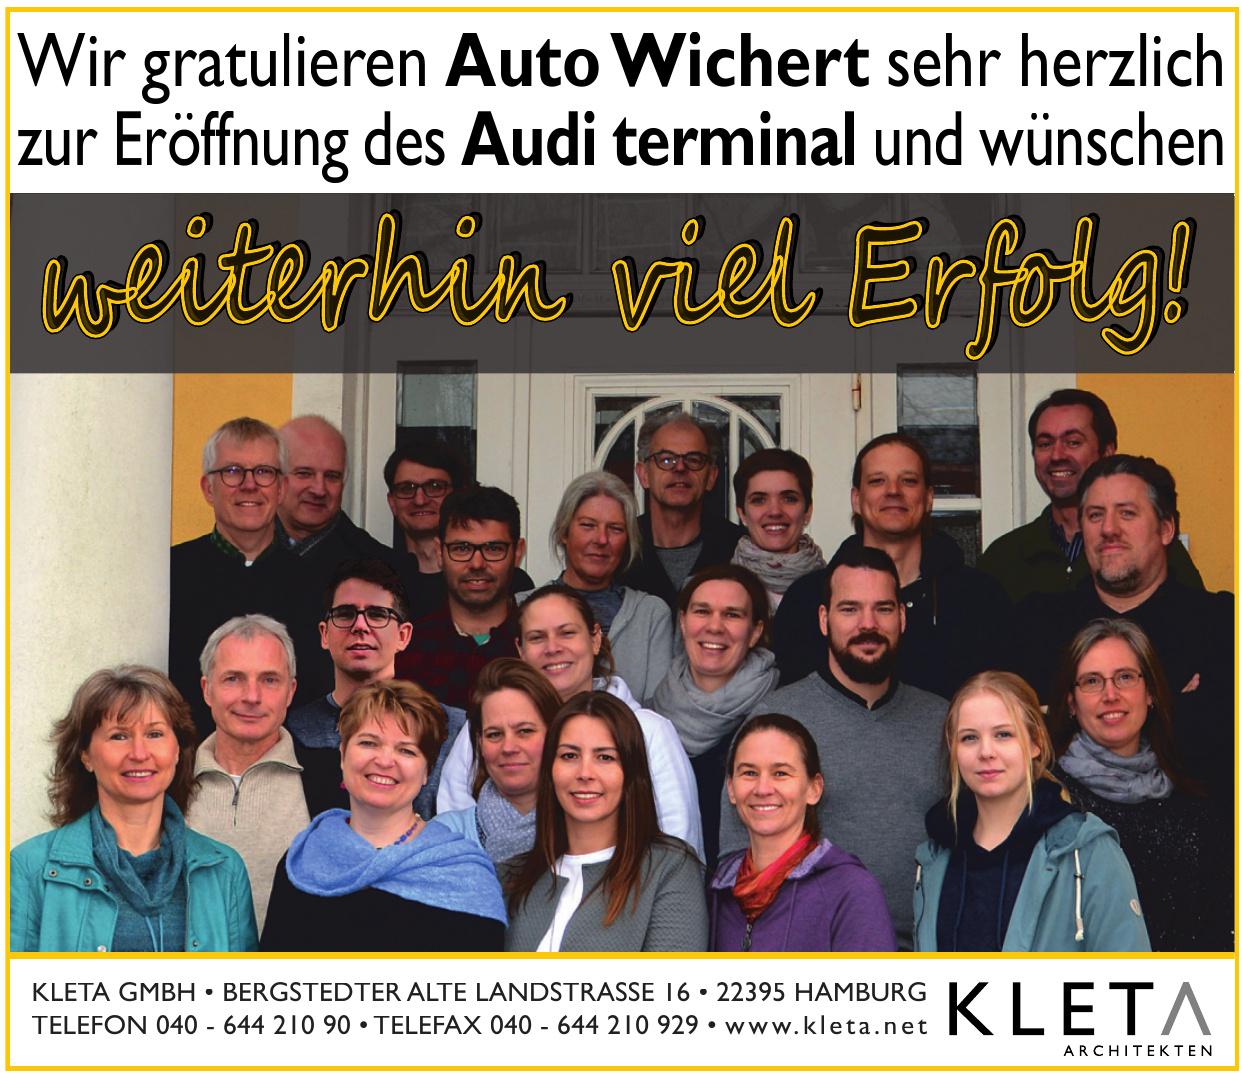 Kleta GmbH